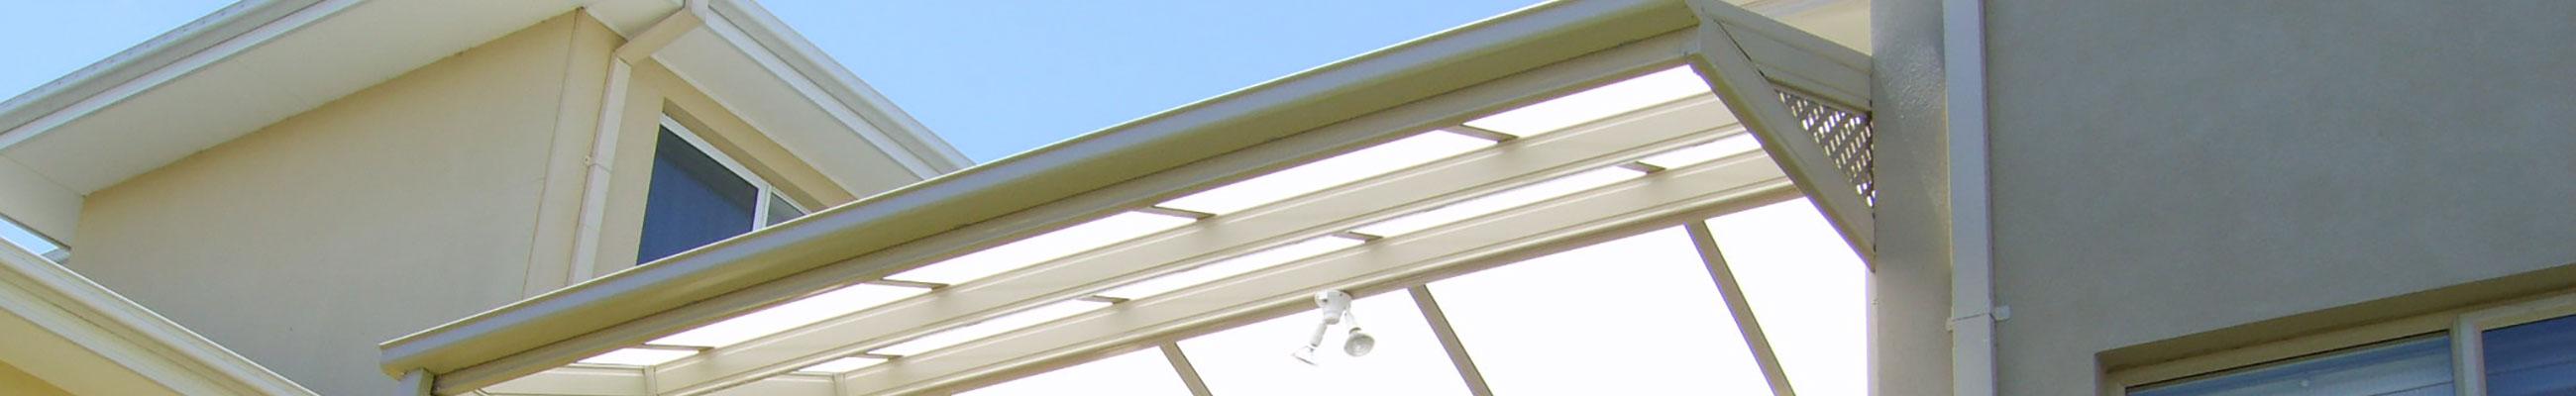 verandahs-banner